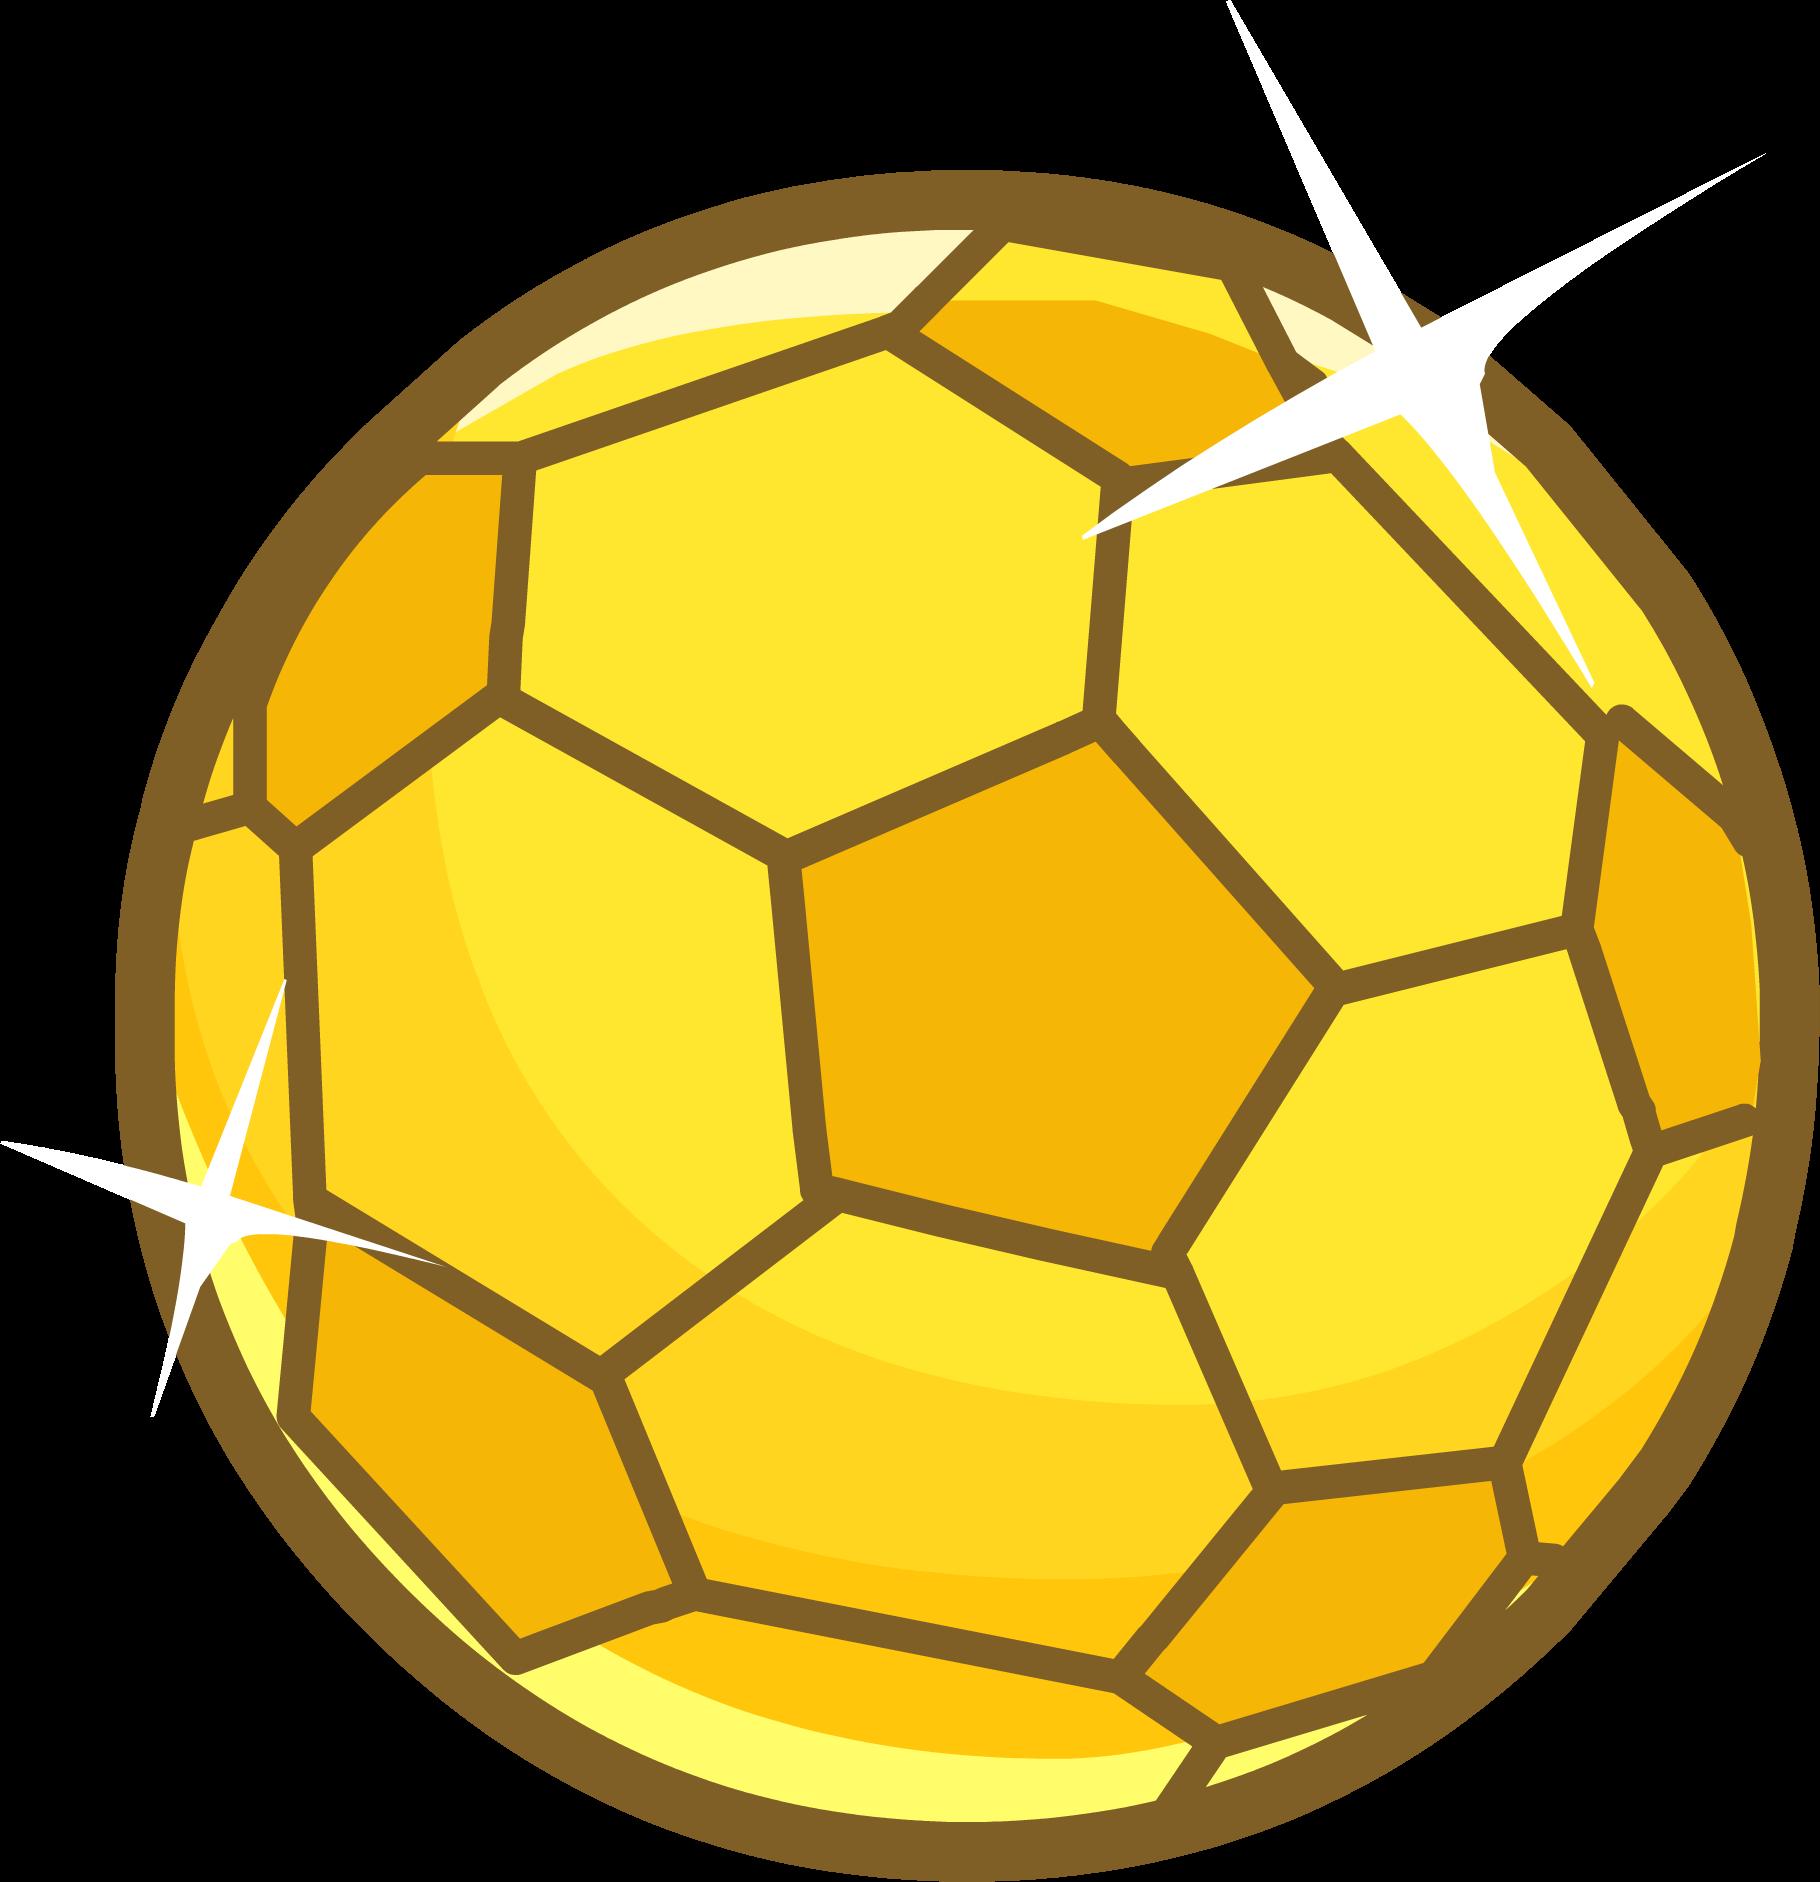 Golden Clipart Soccer Ball - Golden Soccer Ball Png ...